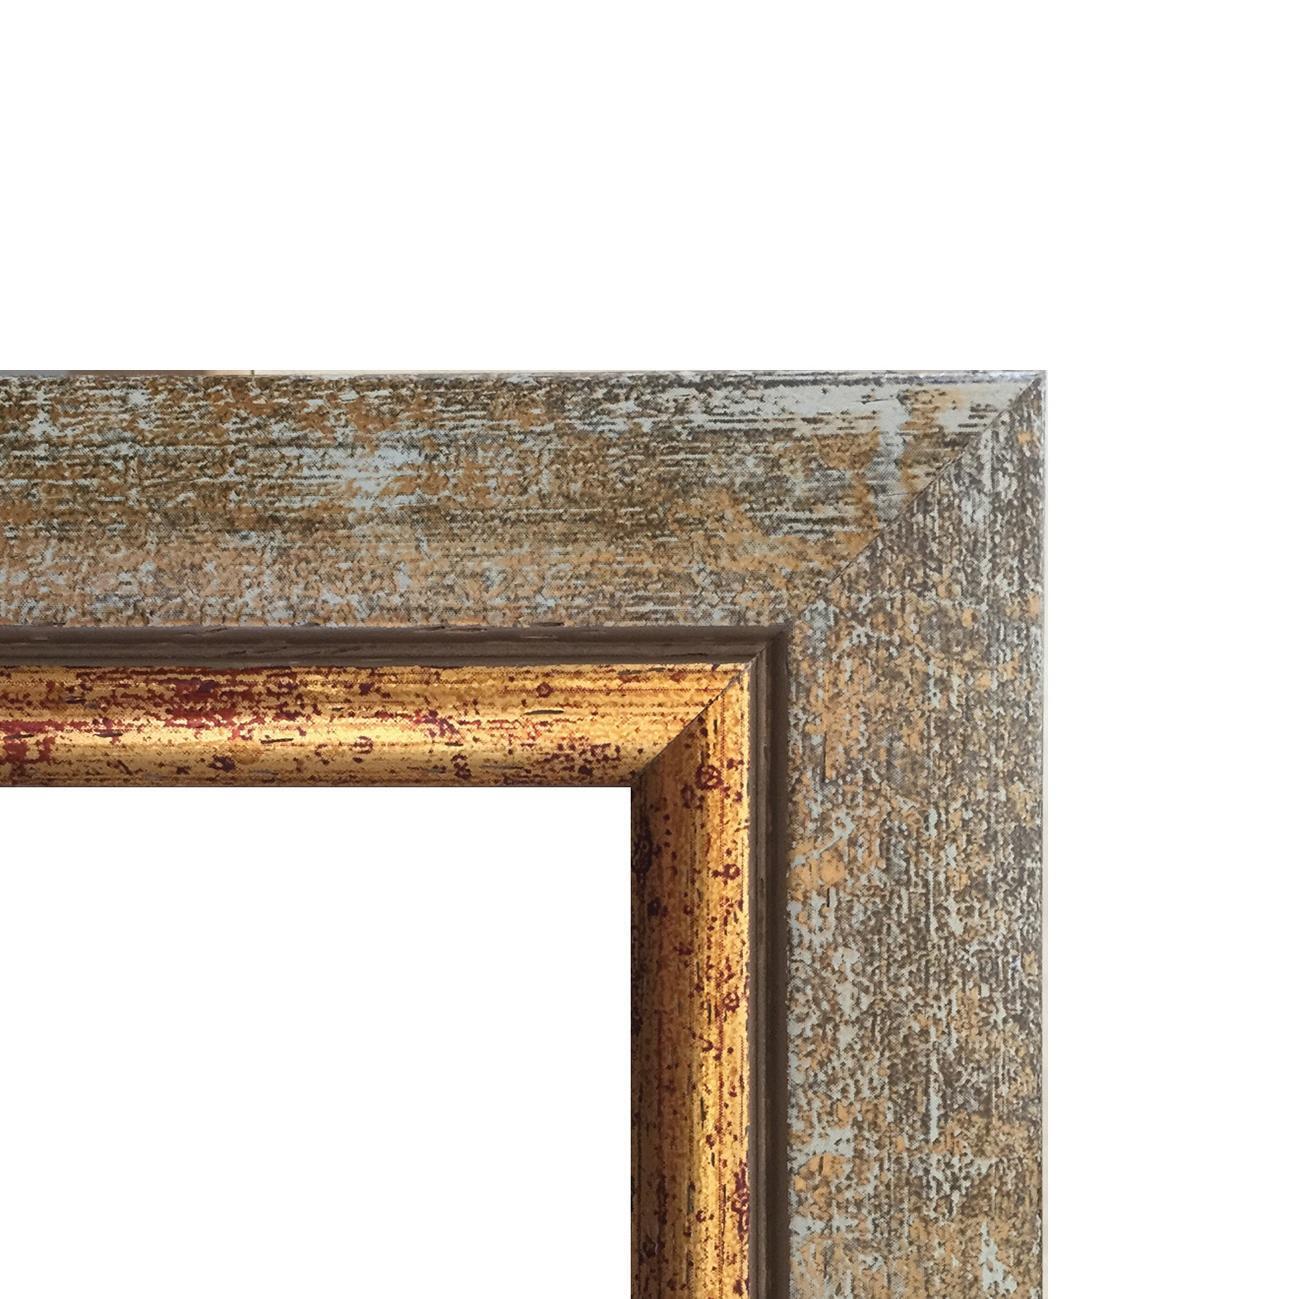 Cornice INSPIRE Boston avorio<multisep/>oro per foto da 29.7x42 cm - 2